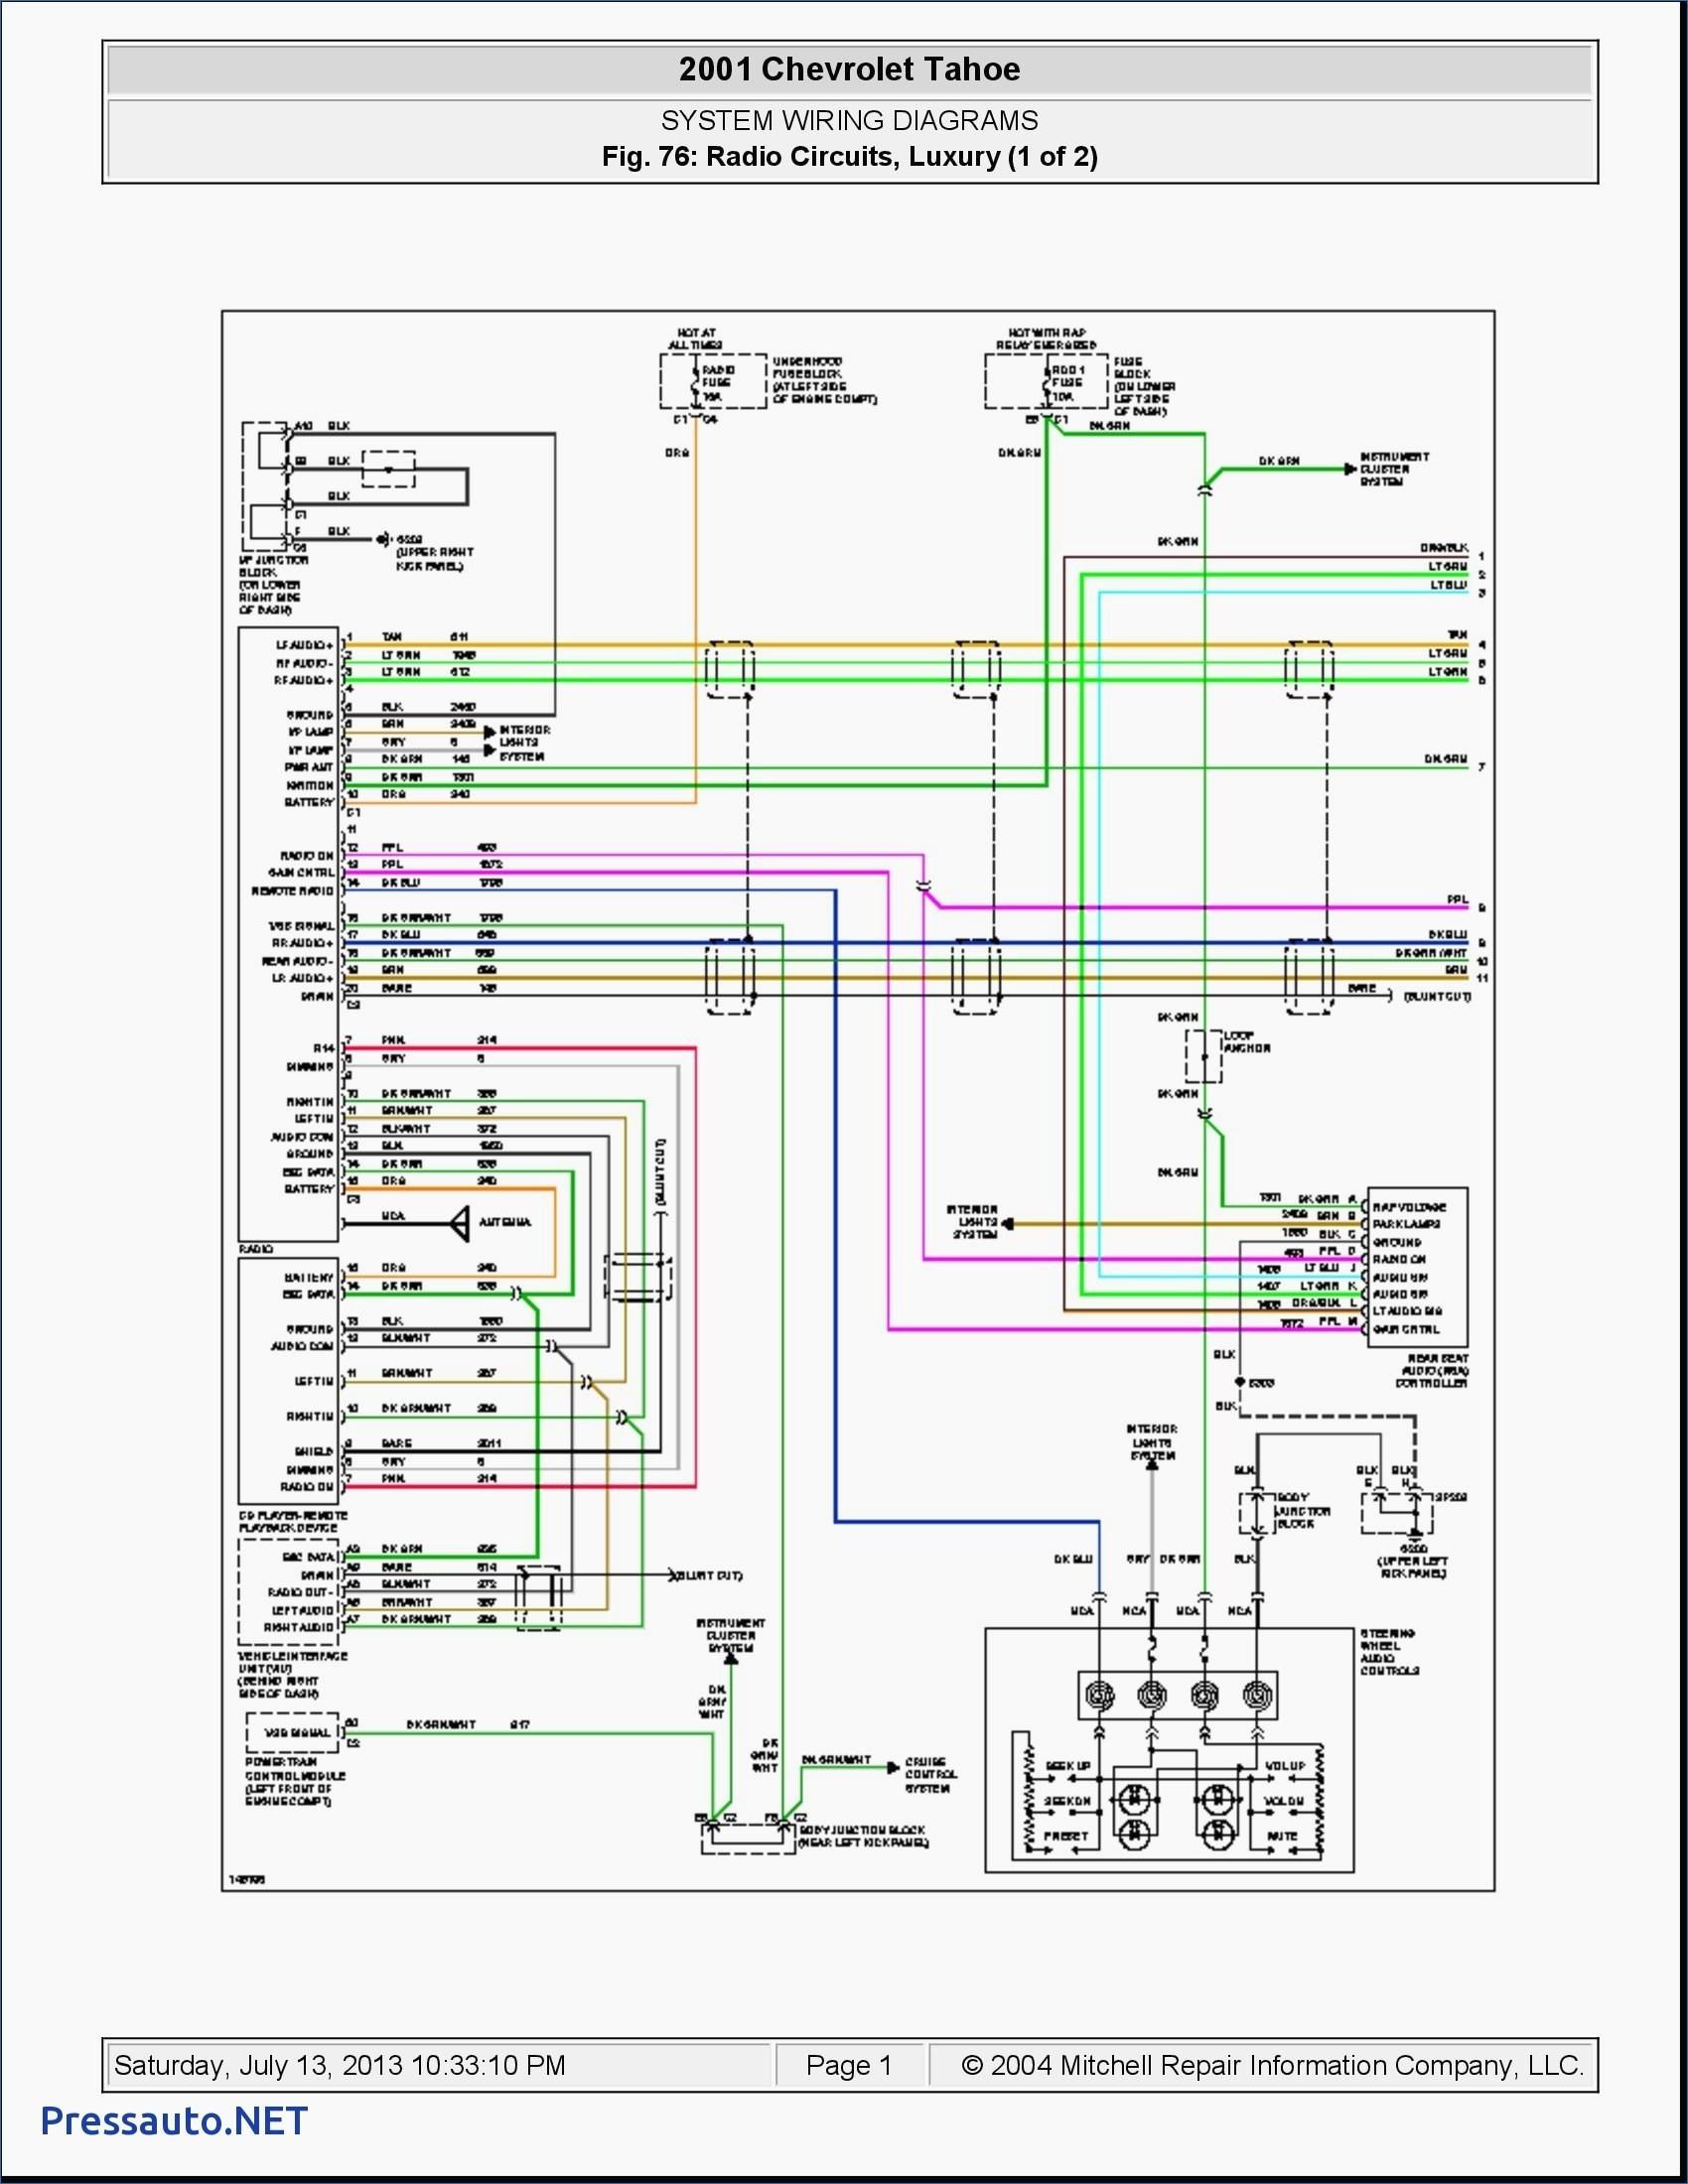 in dash wiring diagram 2005 cavalier audio wiring diagram for 2000 chevy cavalier just wiring diargams  audio wiring diagram for 2000 chevy